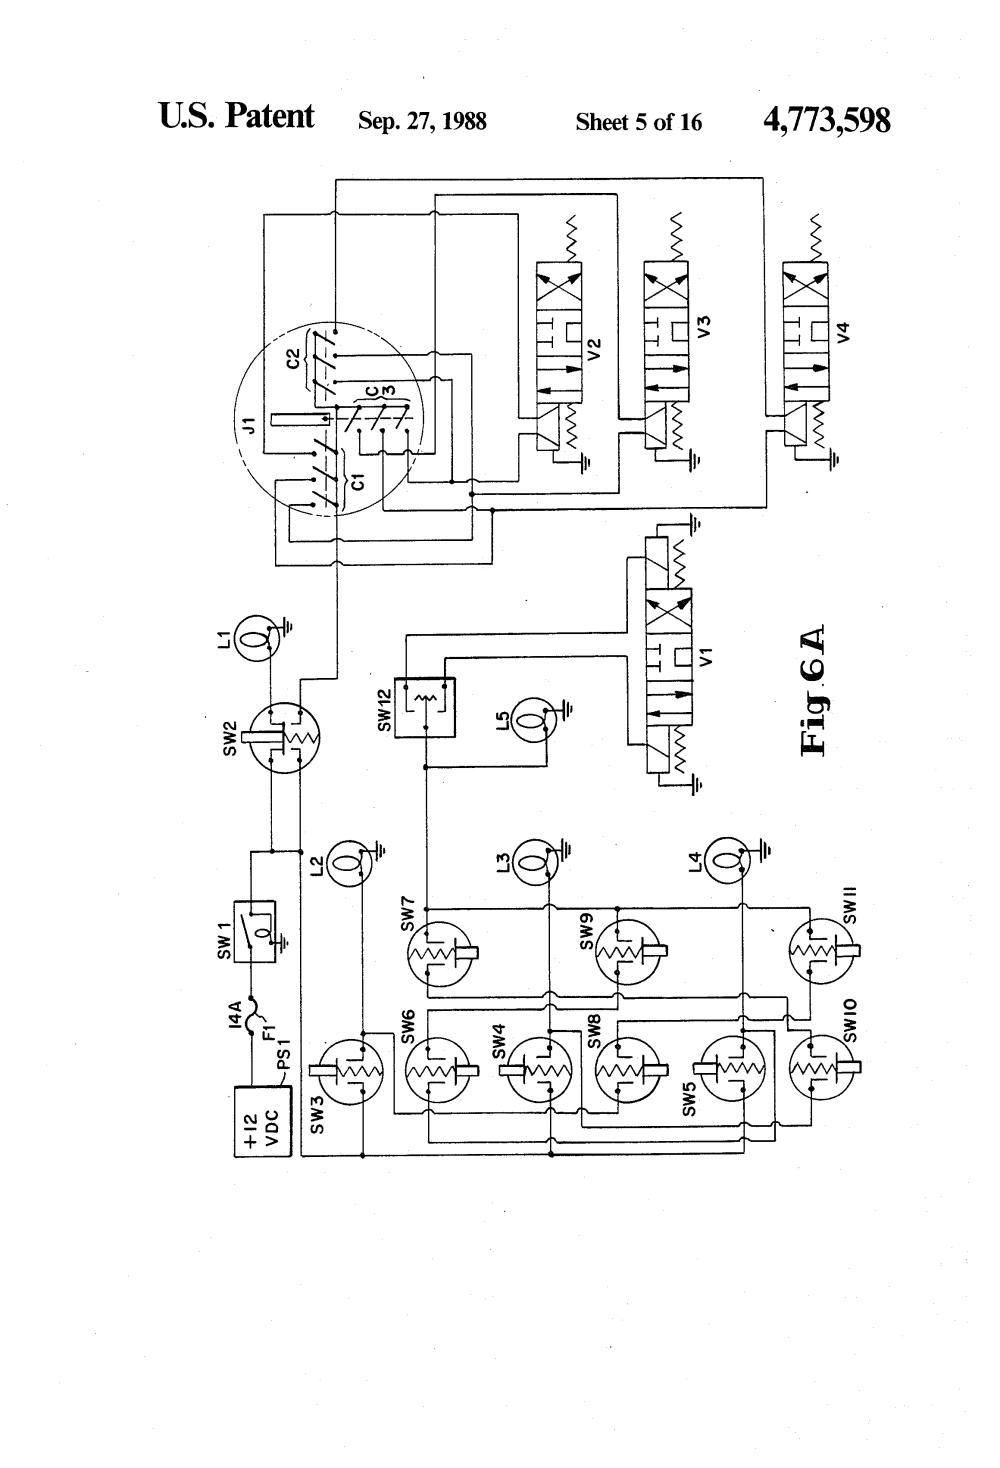 medium resolution of swenson spreader wiring diagram waltco wiring diagram moldboard plow diagram john deere steel plow